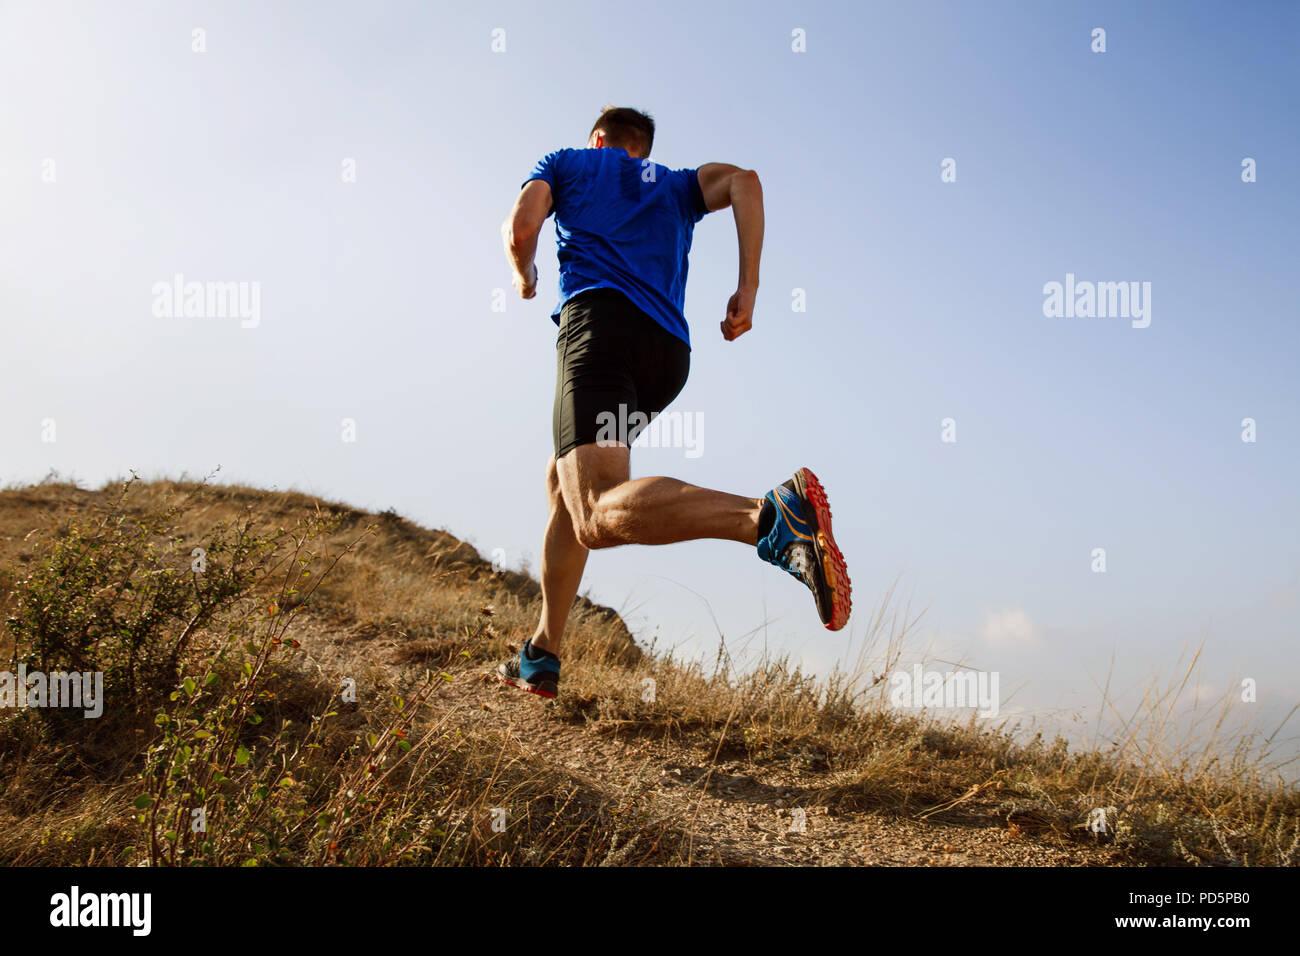 Laufen im Herbst trail auf männlichen Athleten runner Stockfoto